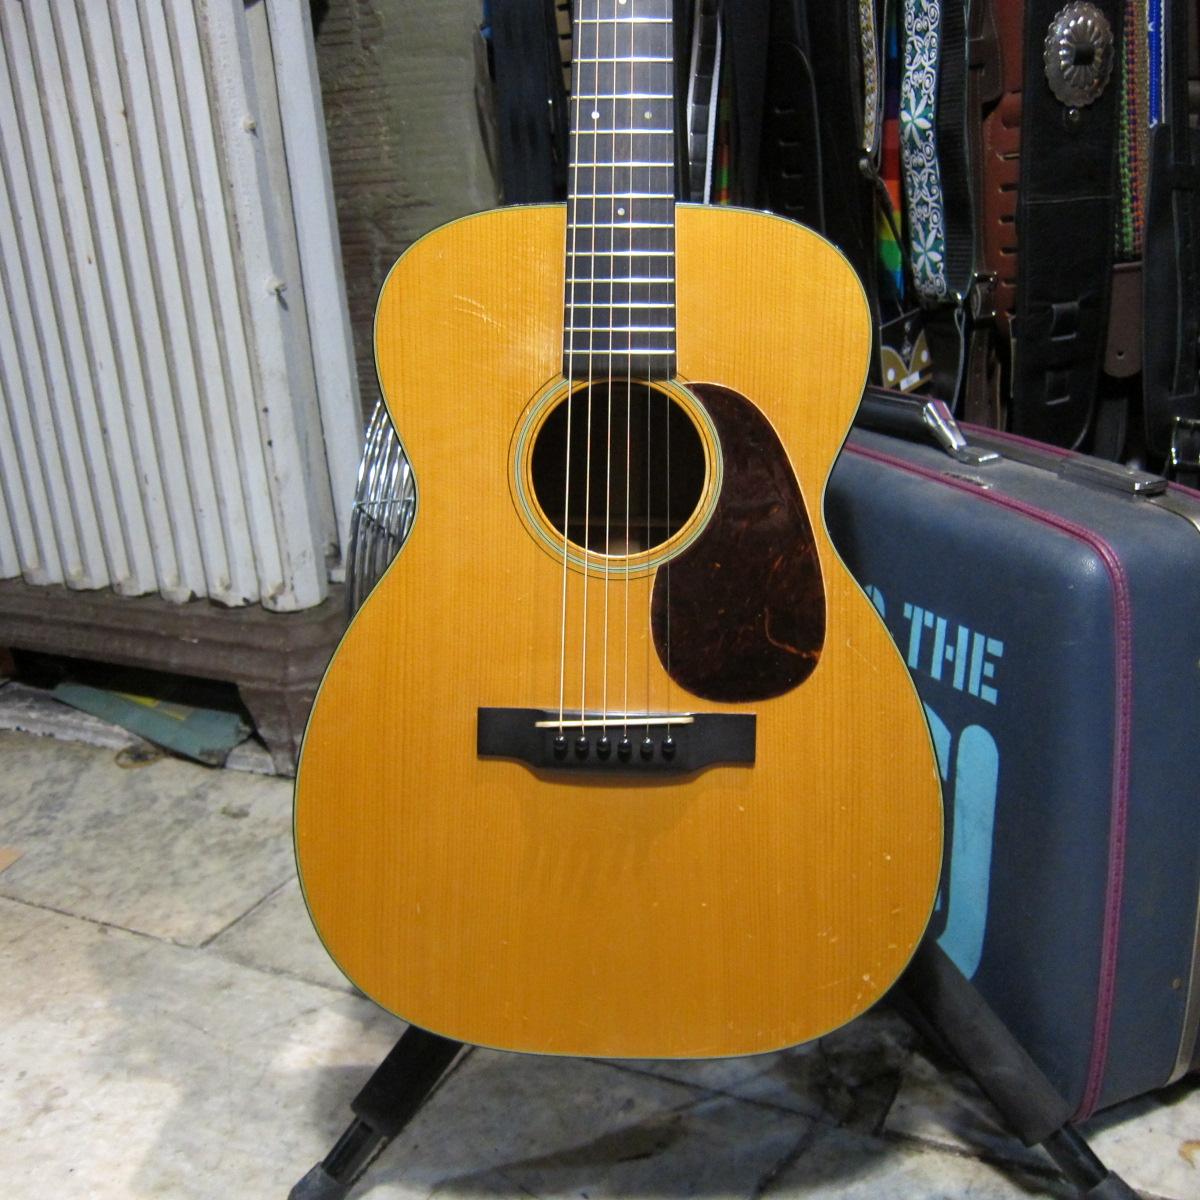 martin 00 18 1938 guitar for sale chelsea guitars. Black Bedroom Furniture Sets. Home Design Ideas